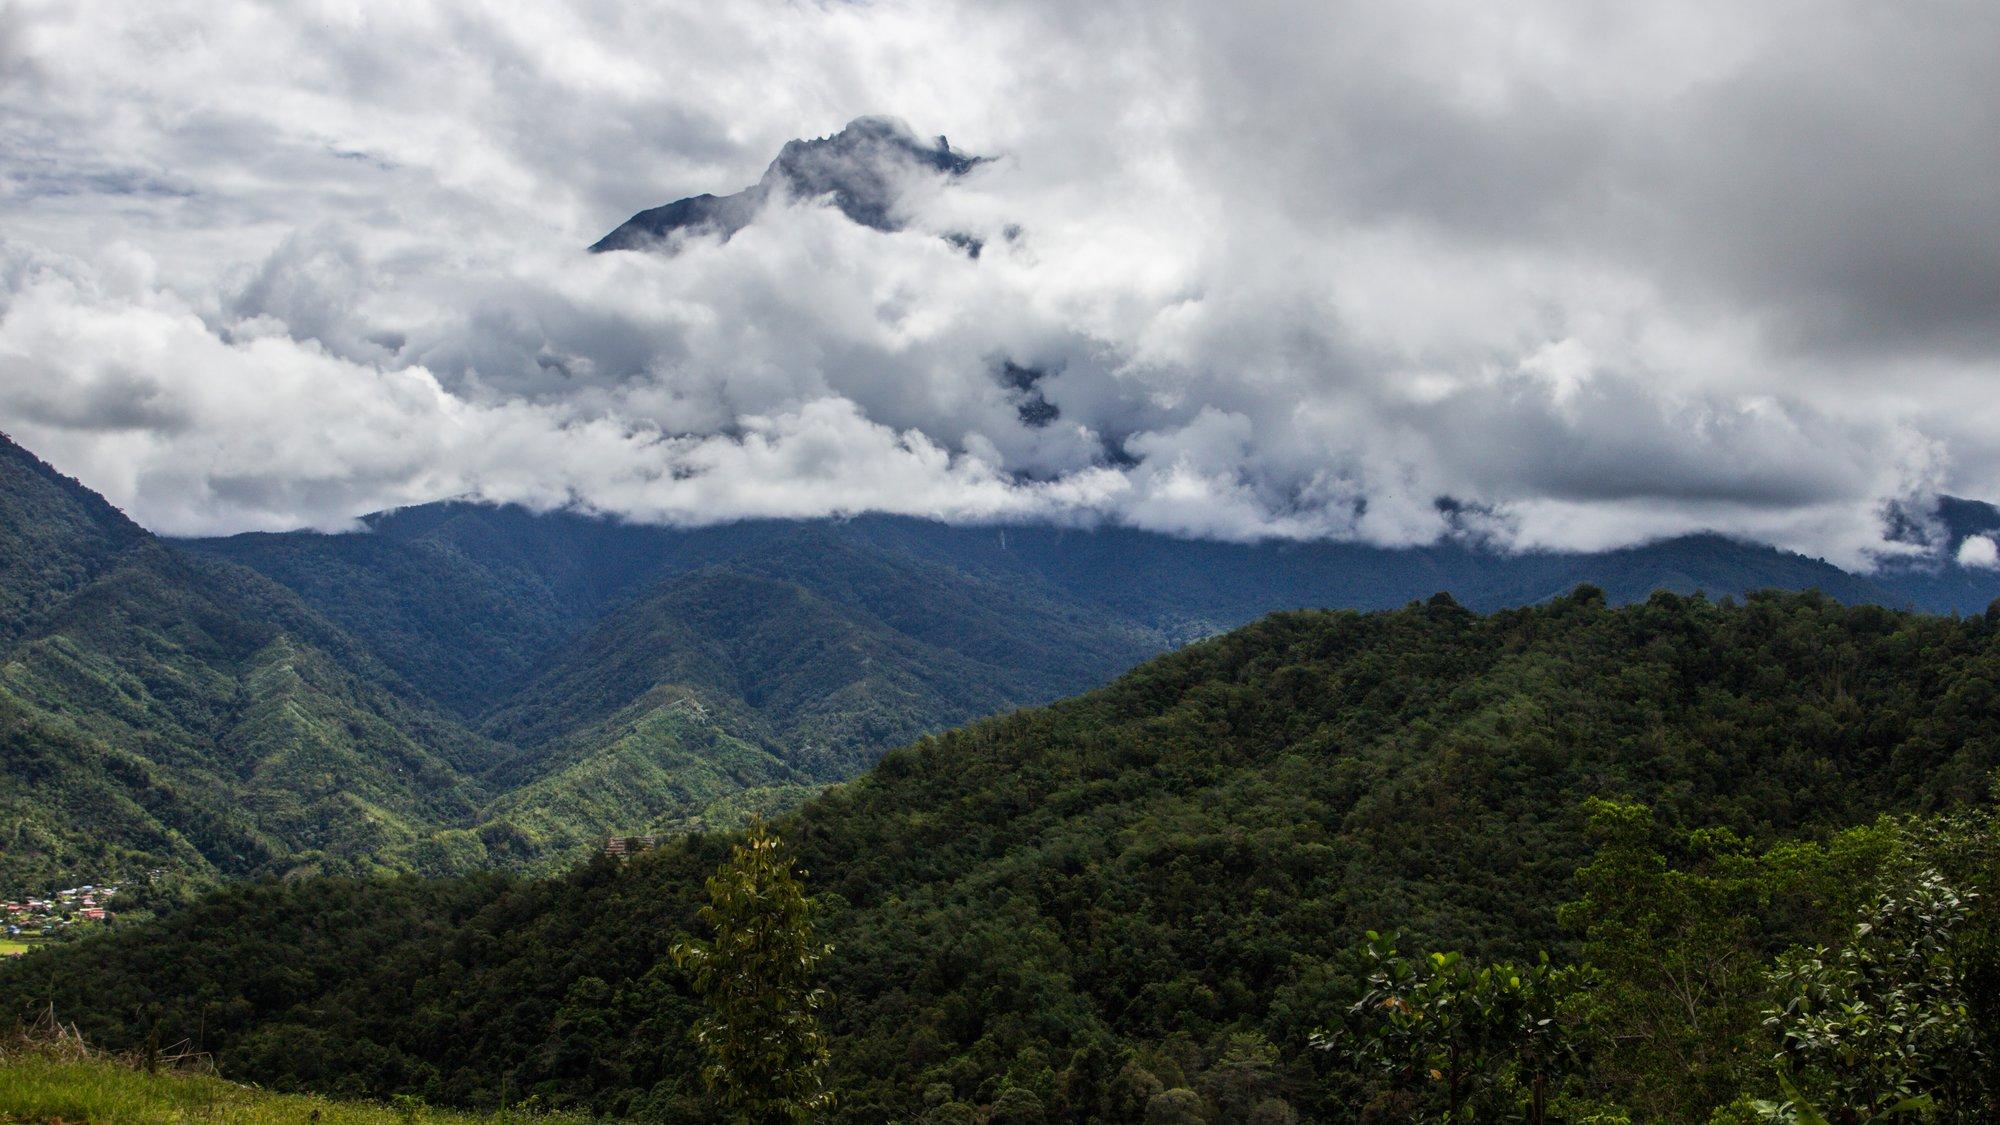 национальный парк Кинабалу и гора Кинабалу, спрятанная в облаках